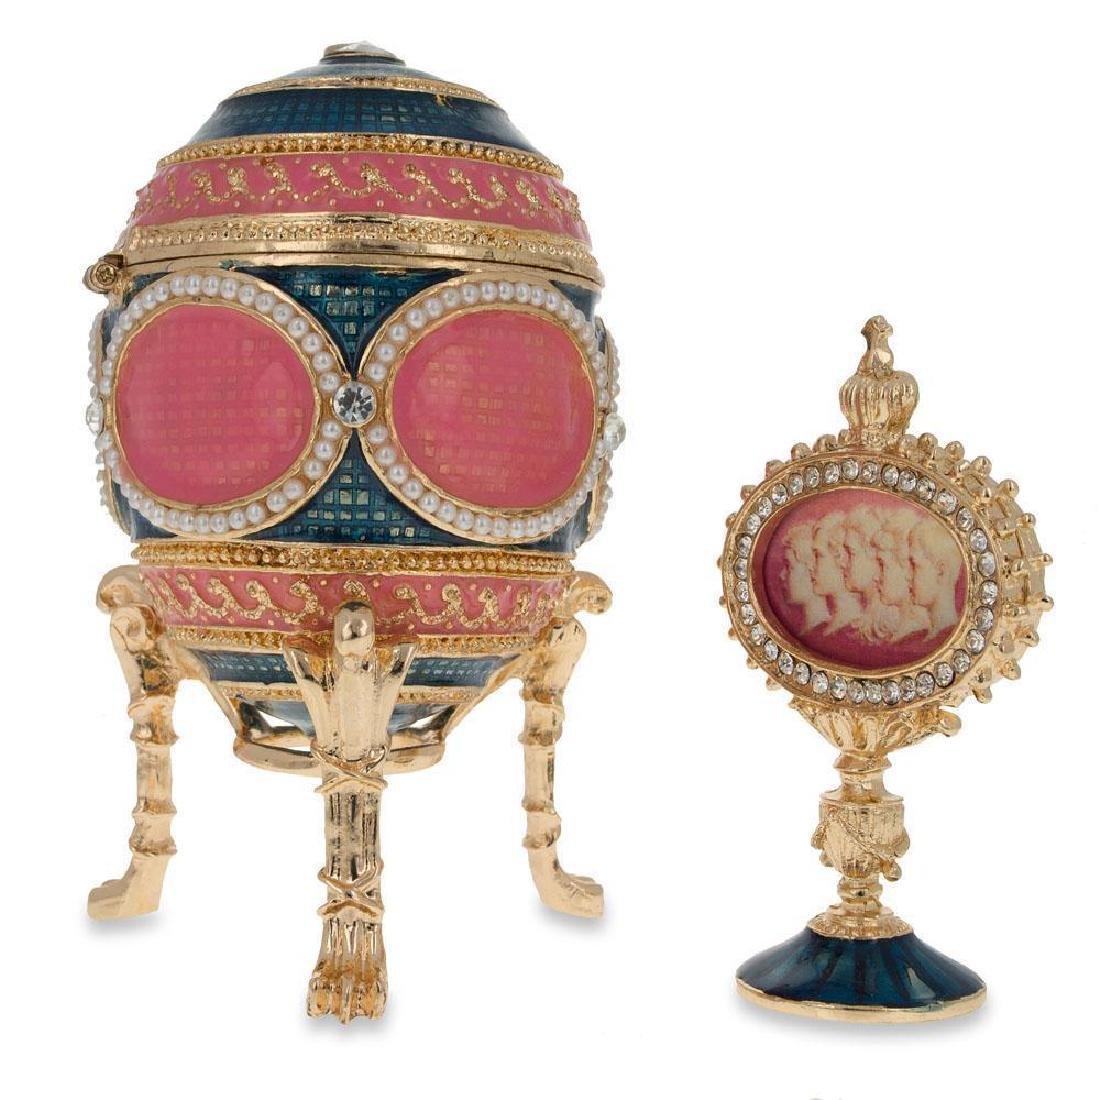 1914 Mosaic Faberge Egg - 2